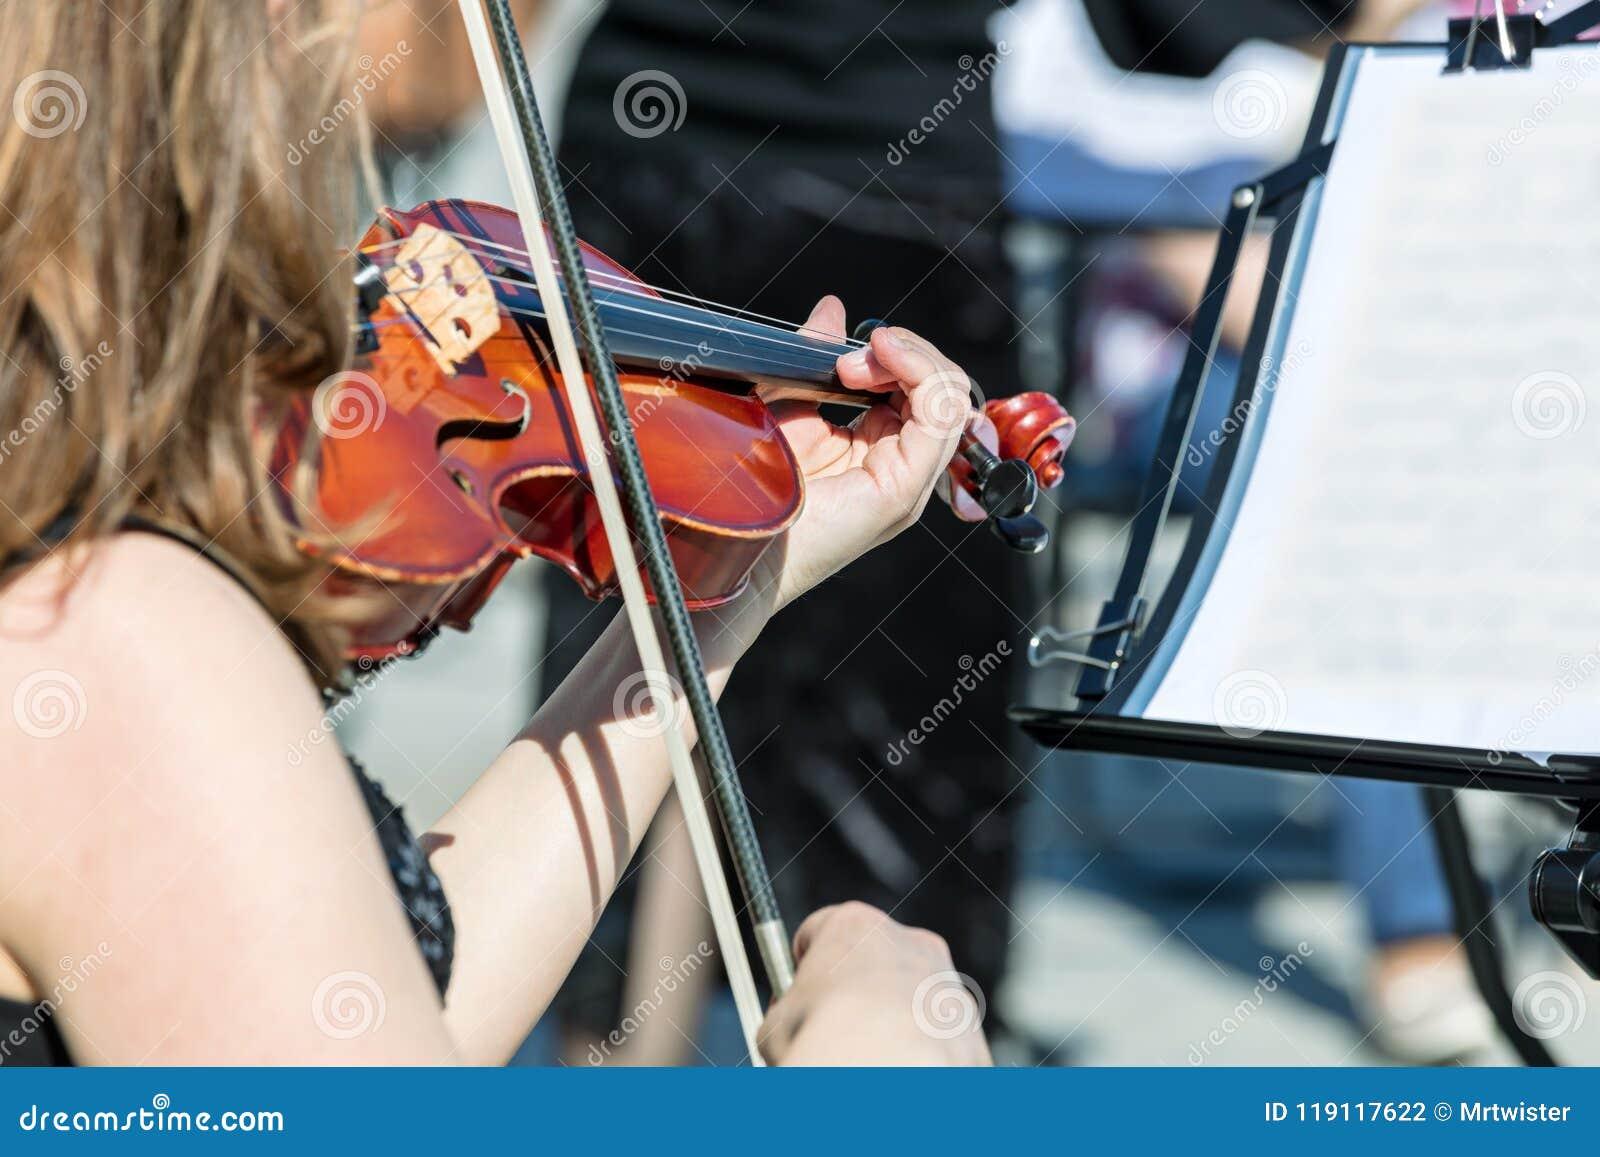 Kvinna som spelar fiolen under klassisk musikkonsert